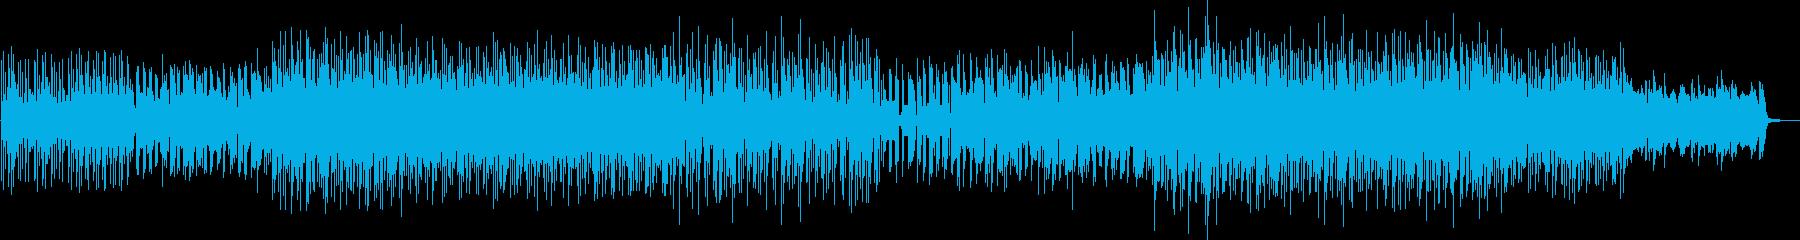 ブルージーなメロディーのHouseの再生済みの波形